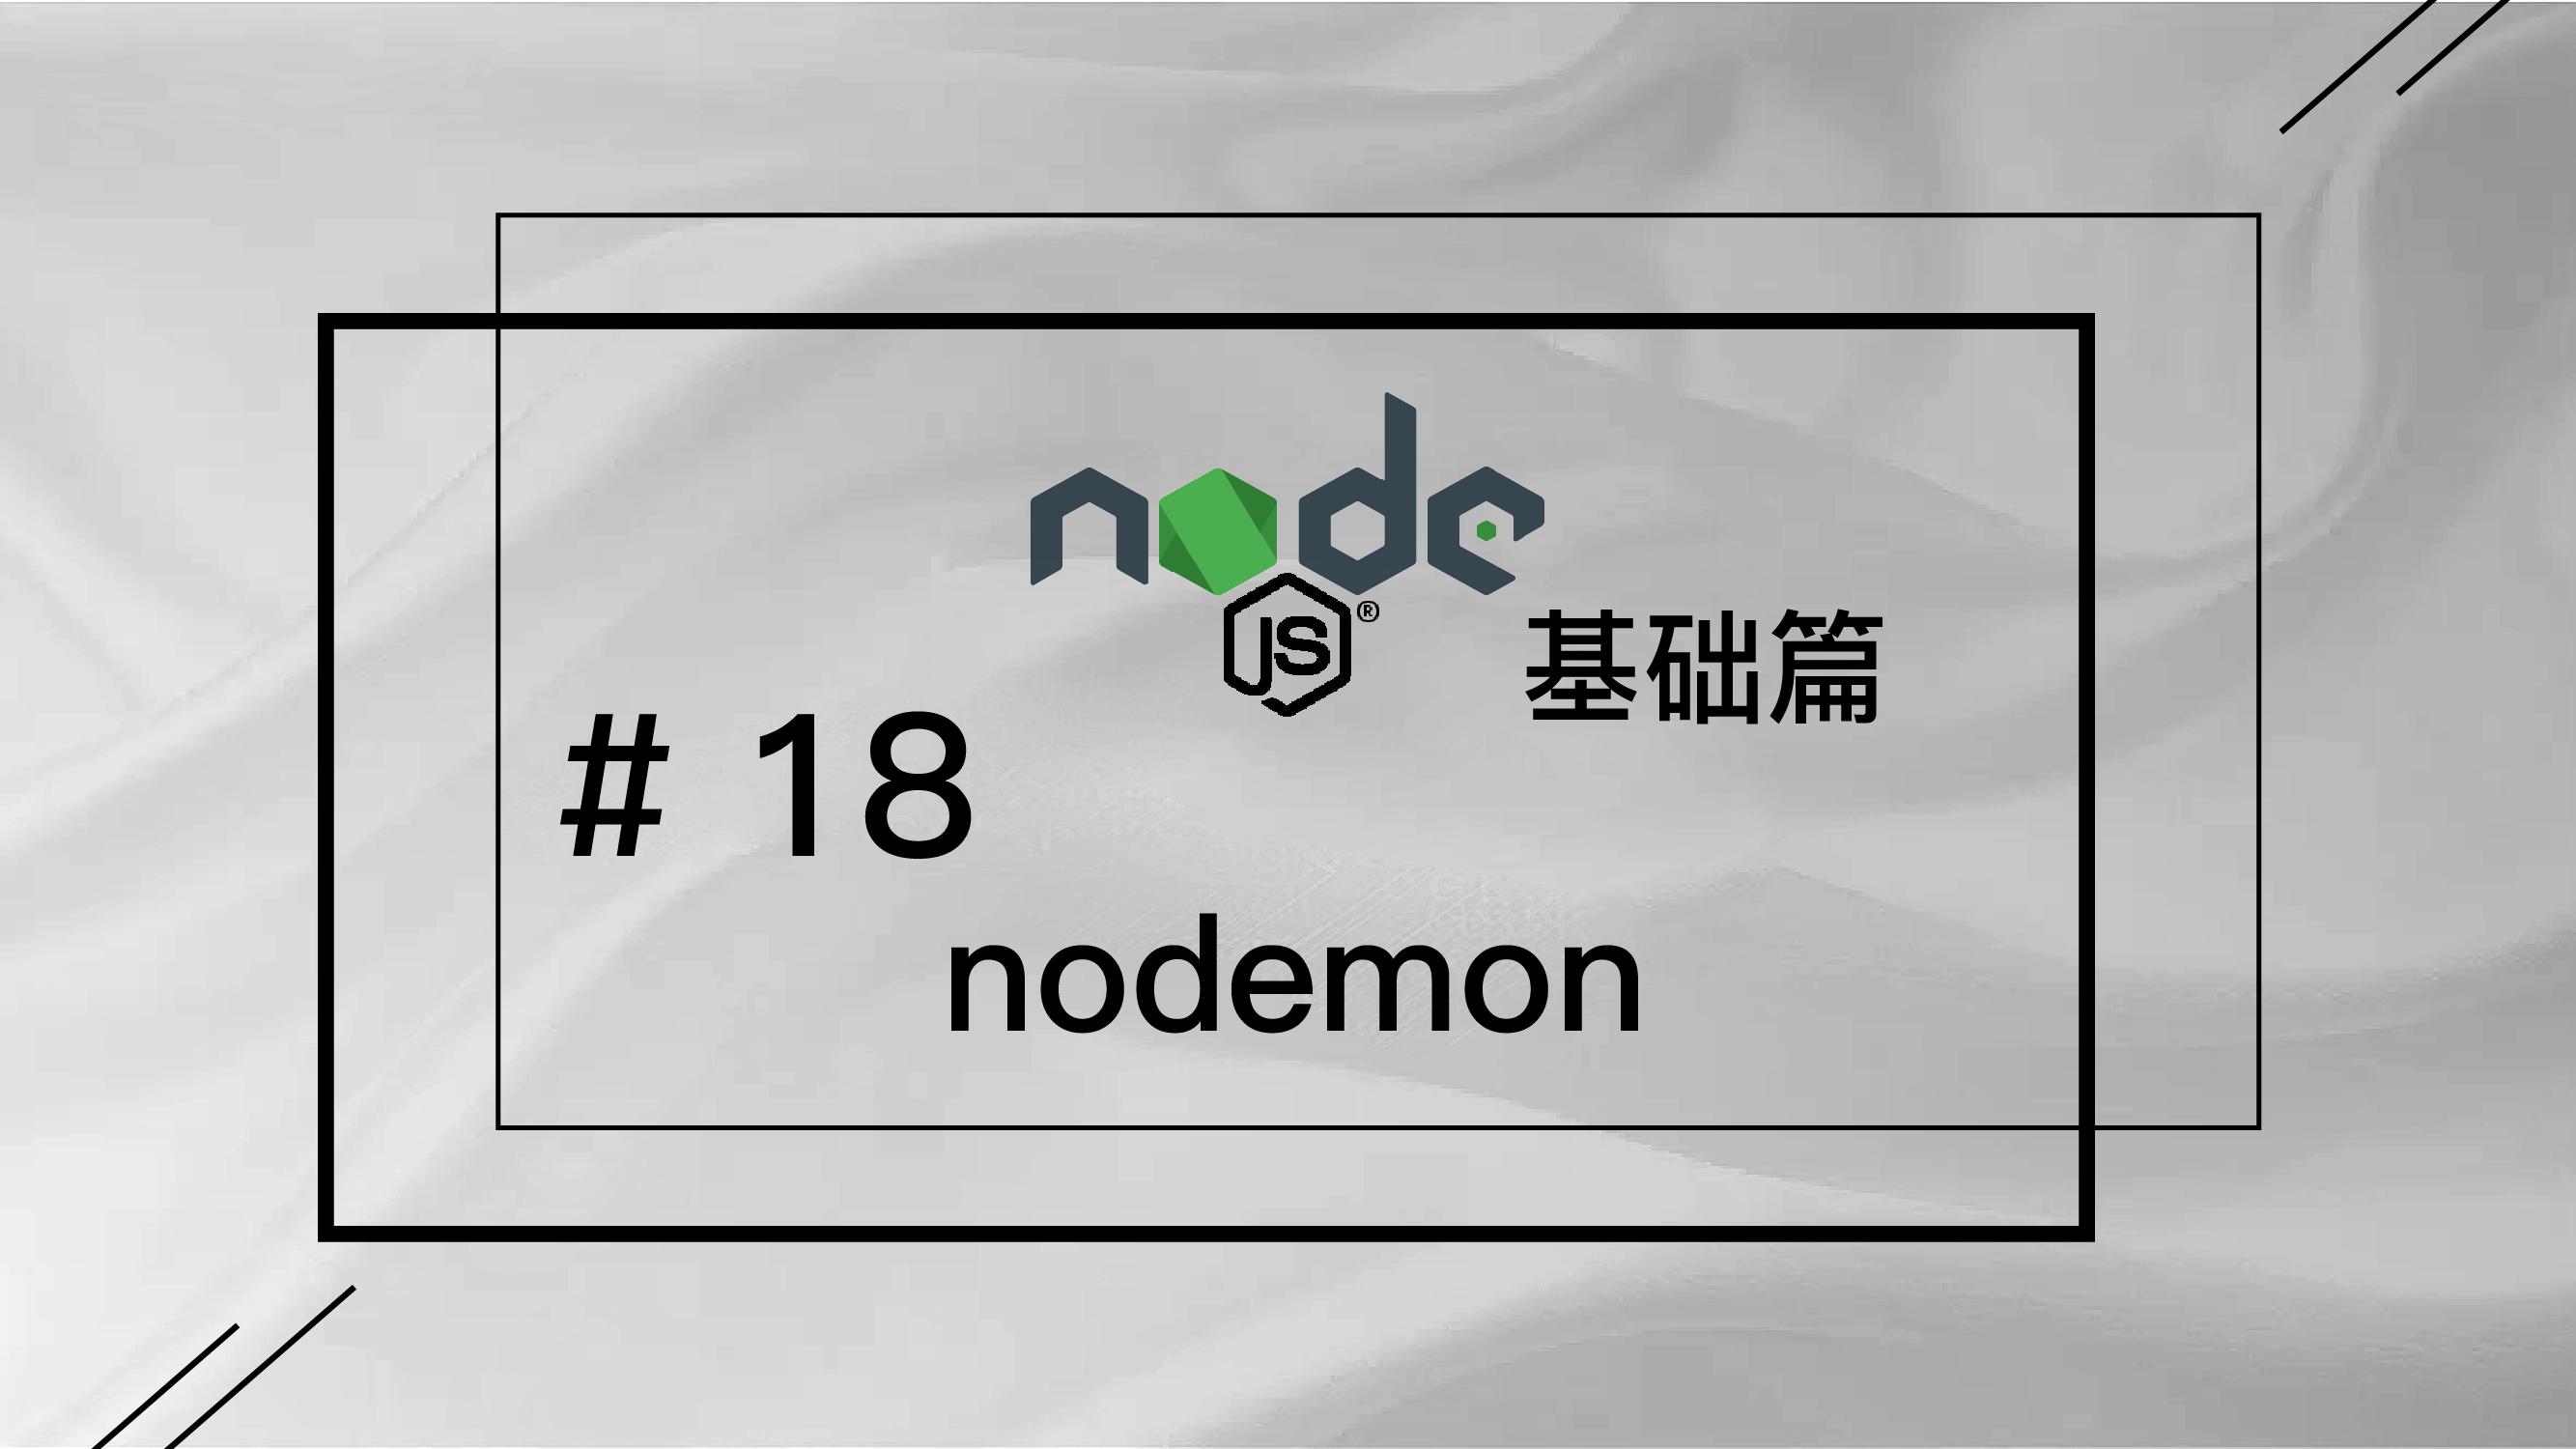 轻松学 Node.js - 基础篇 #18 nodemon (完结)